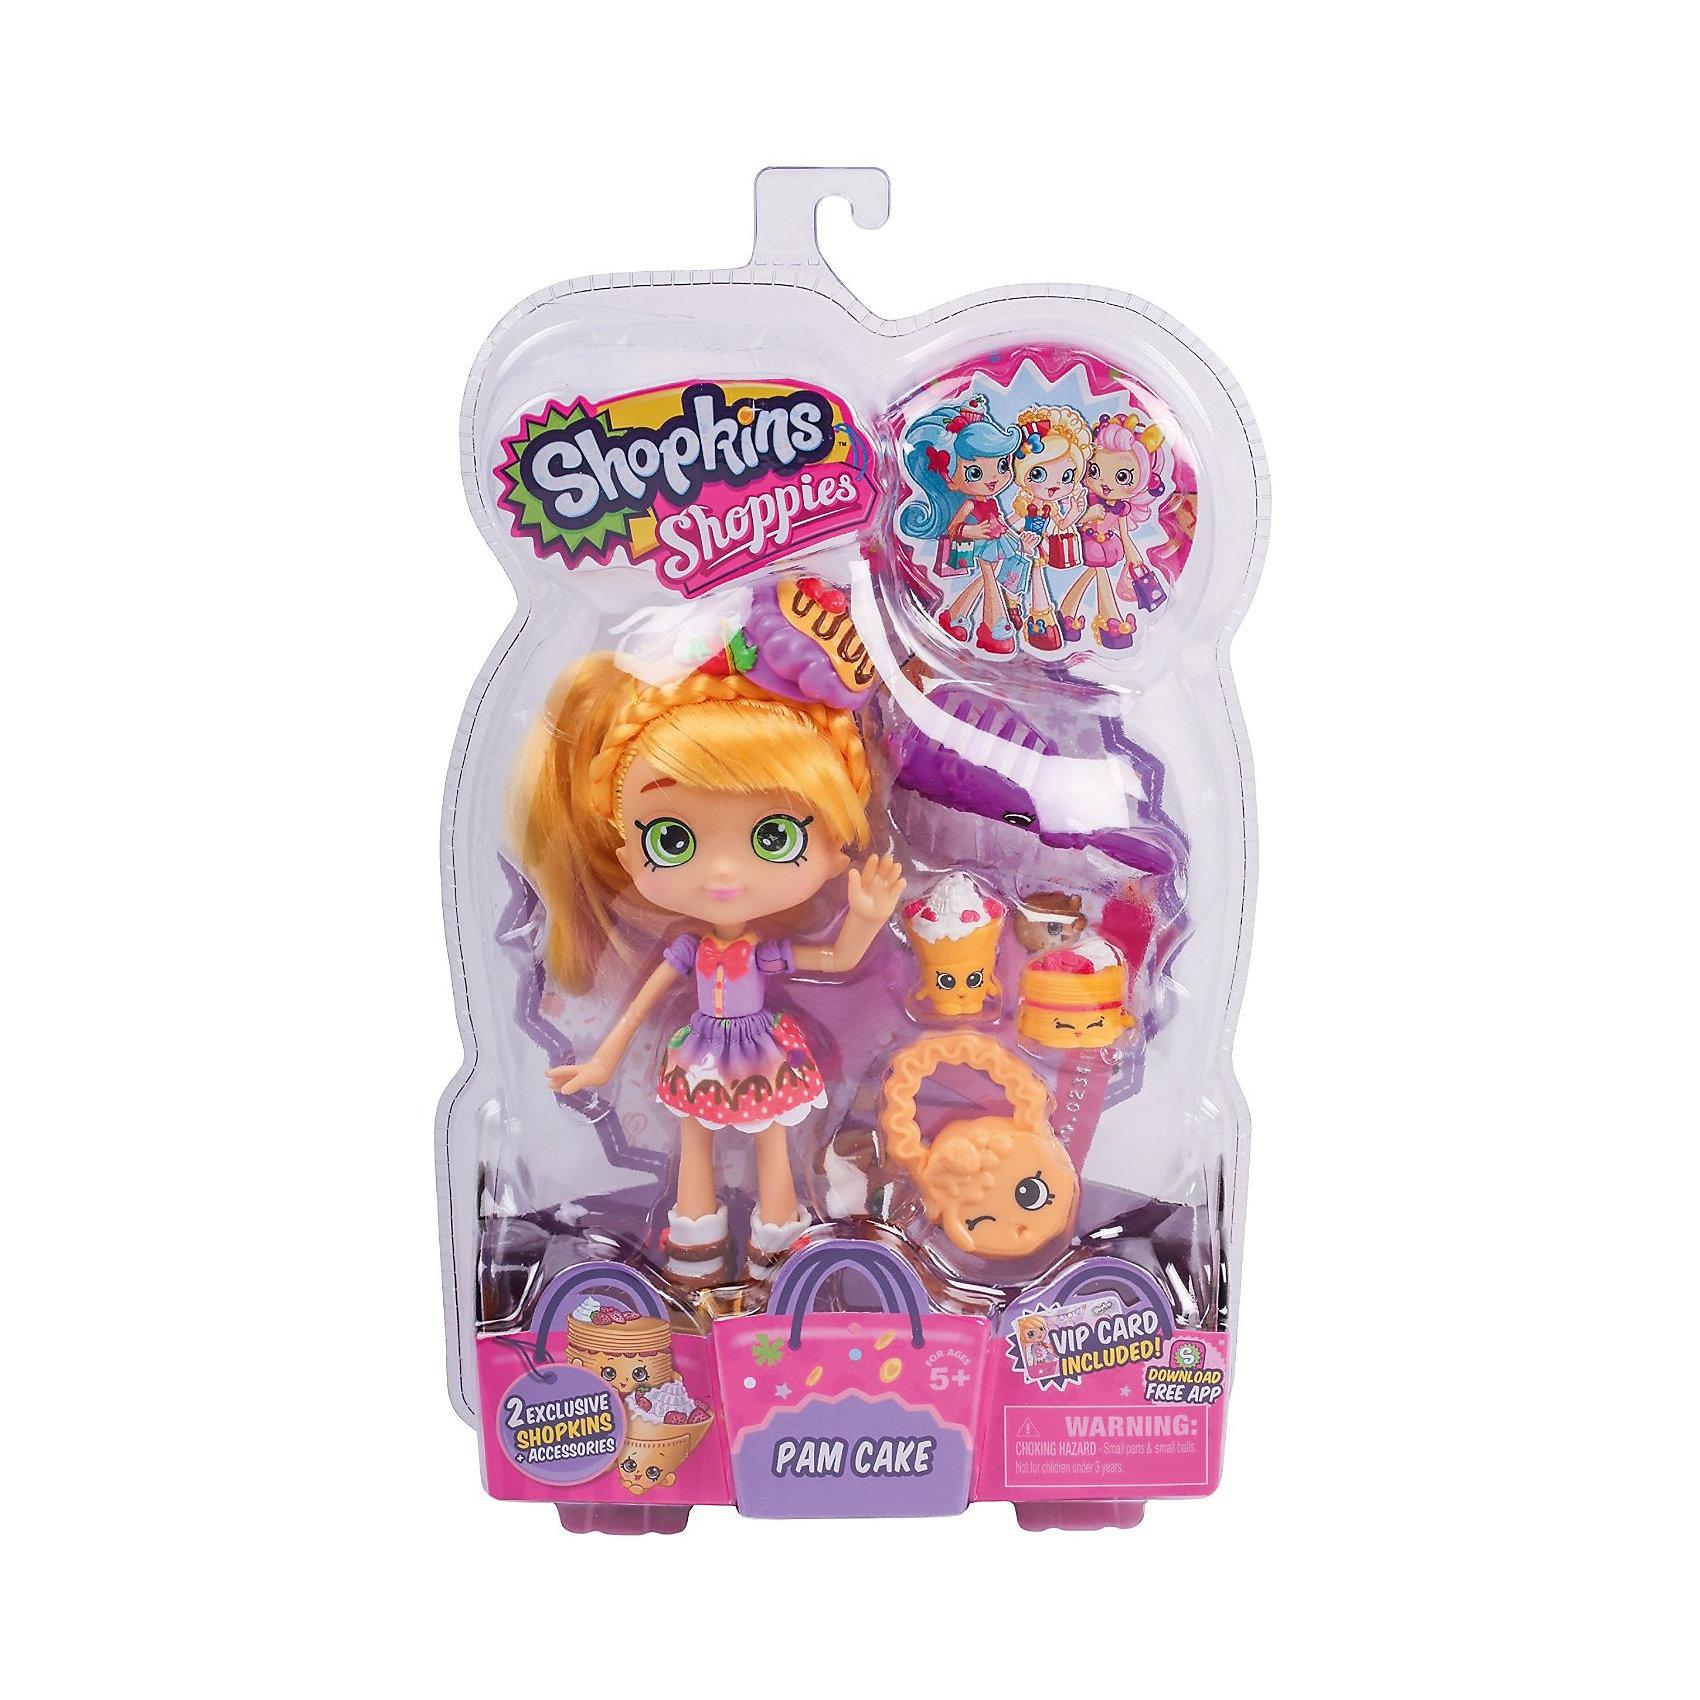 Кукла Памкейк с аксессуарами, ShopkinsShopkins<br>Шопкинс - это любимые герои многих современных детей! Кукла в виде героини этого мультфильма Памкейк обязательно порадует ребенка, тем более, что она дополнена стильным нарядом и аксессуарами.<br>Такие игрушки способствуют развитию мелкой моторики, мышления и социальных навыков. Также куклы помогают девочкам научиться ухаживать за собой и за другими. Сделана из материалов, безопасных для детей.<br><br>Дополнительная информация:<br><br>комплектация: кукла, сумочка, 2 эксклюзивных Shopkins, расческа, VIP карточка и подставка для куклы;<br>рекомендуемый возраст: от трех лет;<br>материал: полимер.<br><br>Куклу Памкейк с аксессуарами от бренда Shopkins (Шопкинс) можно купить в нашем интернет-магазине.<br><br>Ширина мм: 68<br>Глубина мм: 170<br>Высота мм: 250<br>Вес г: 250<br>Возраст от месяцев: 36<br>Возраст до месяцев: 120<br>Пол: Женский<br>Возраст: Детский<br>SKU: 5055351